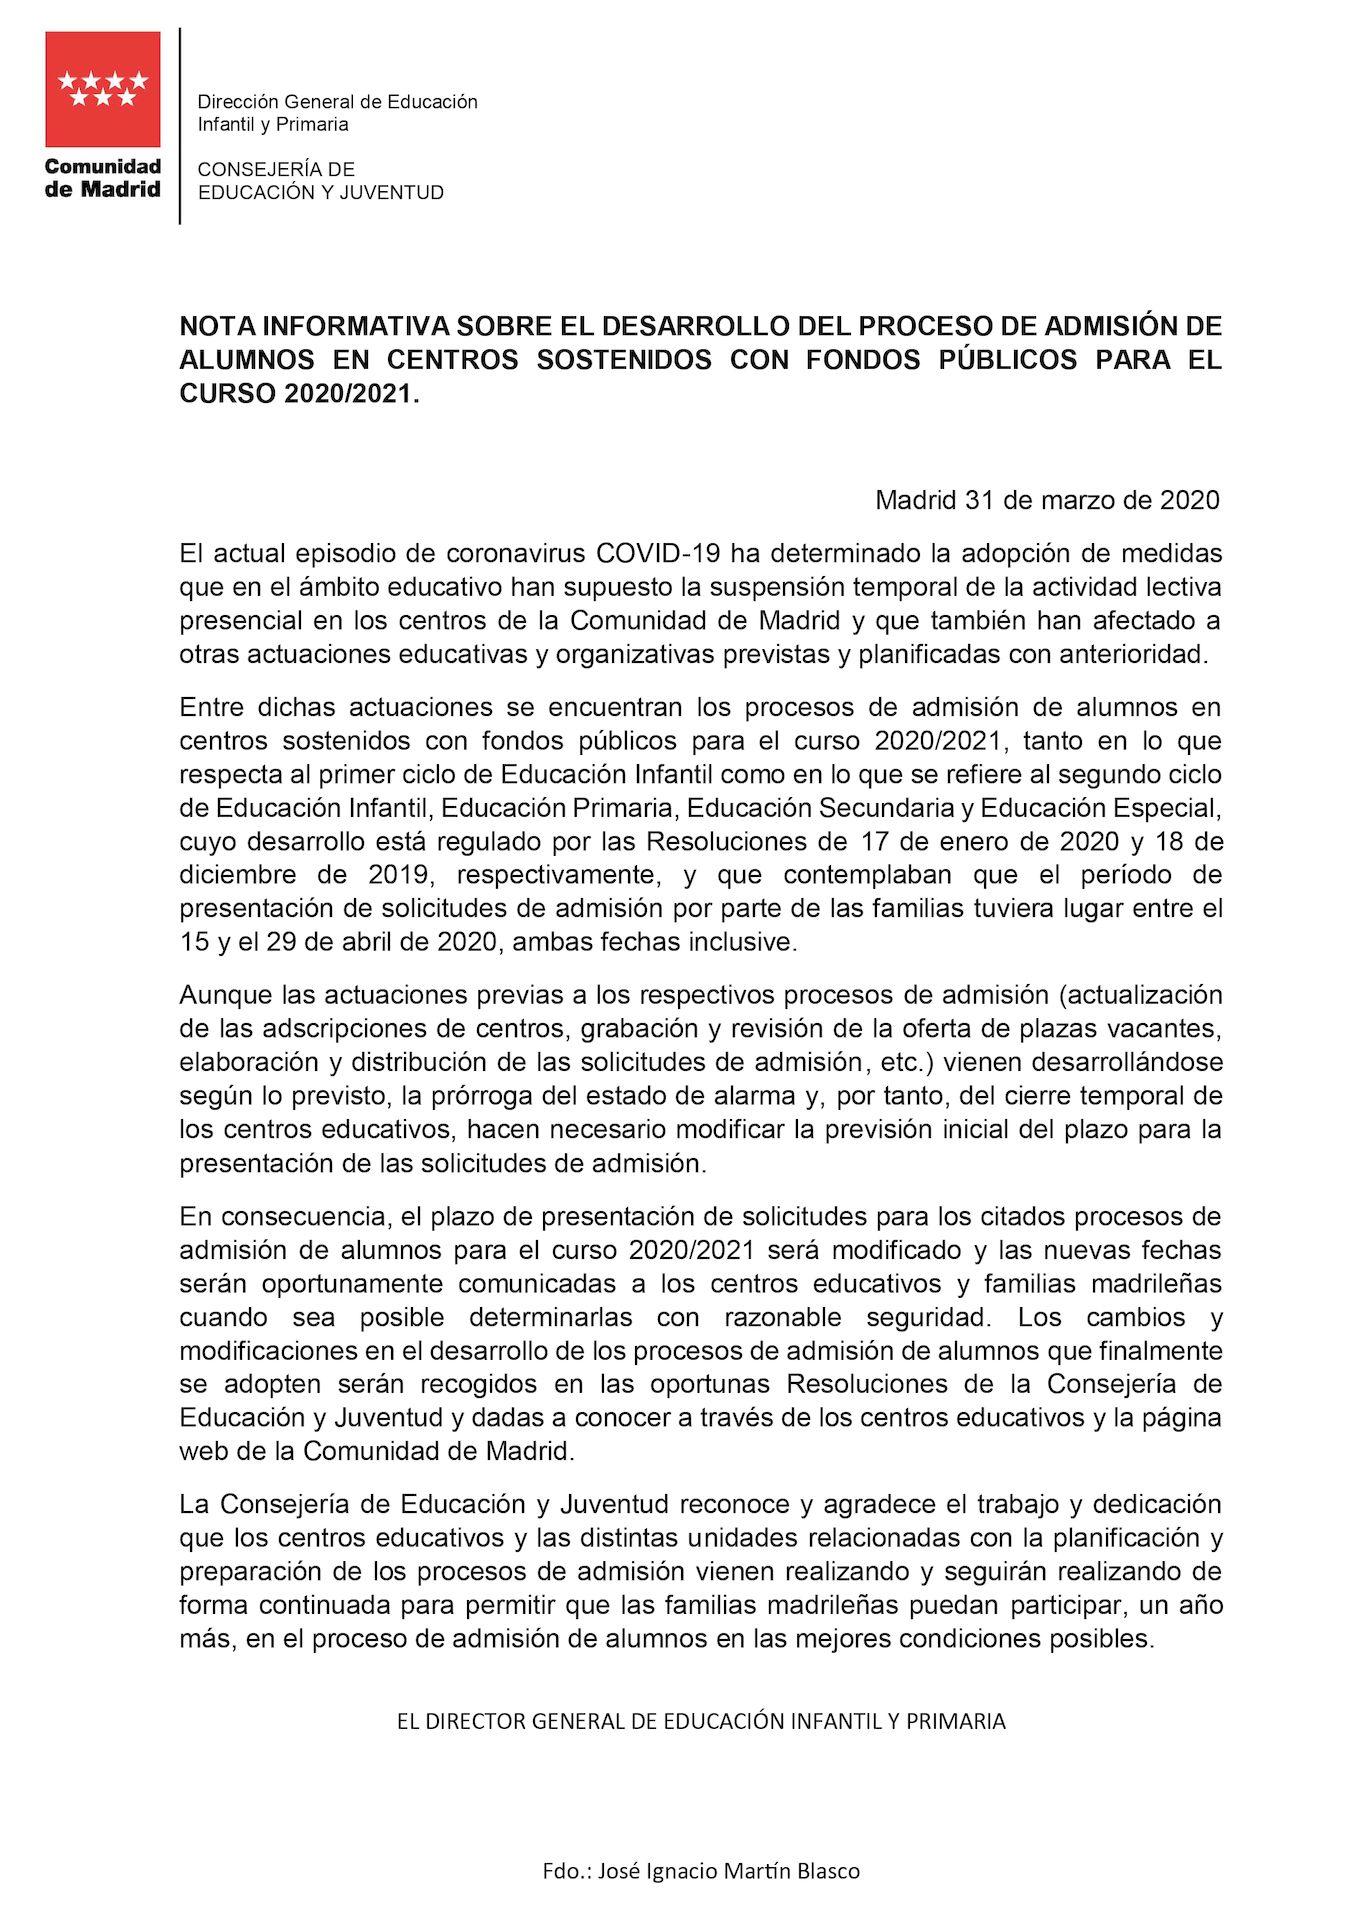 Nota informativa sobre el desarrollo del proceso de admisión